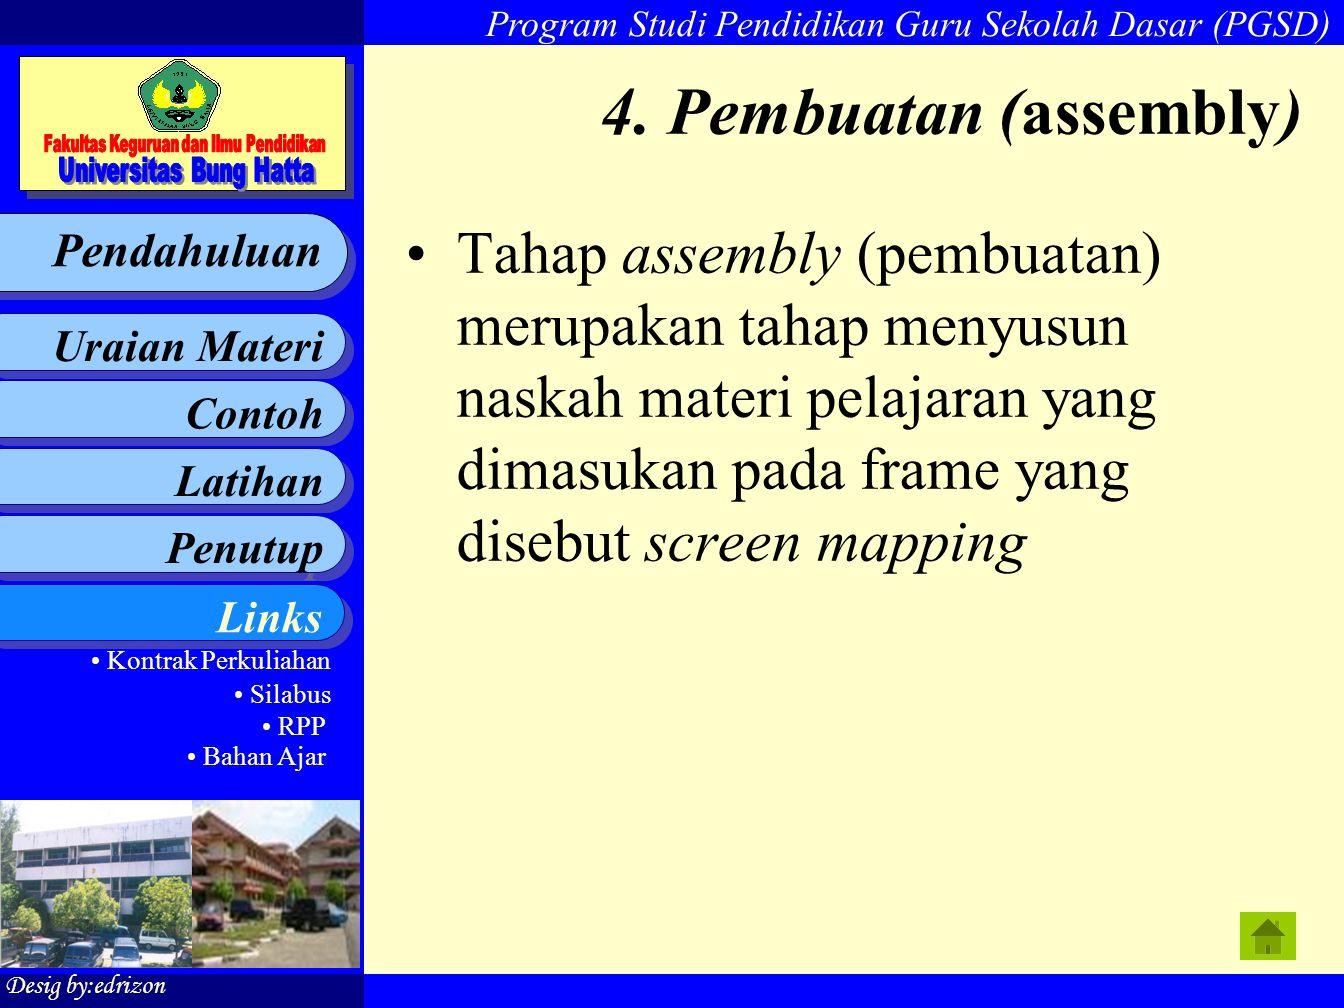 4. Pembuatan (assembly)